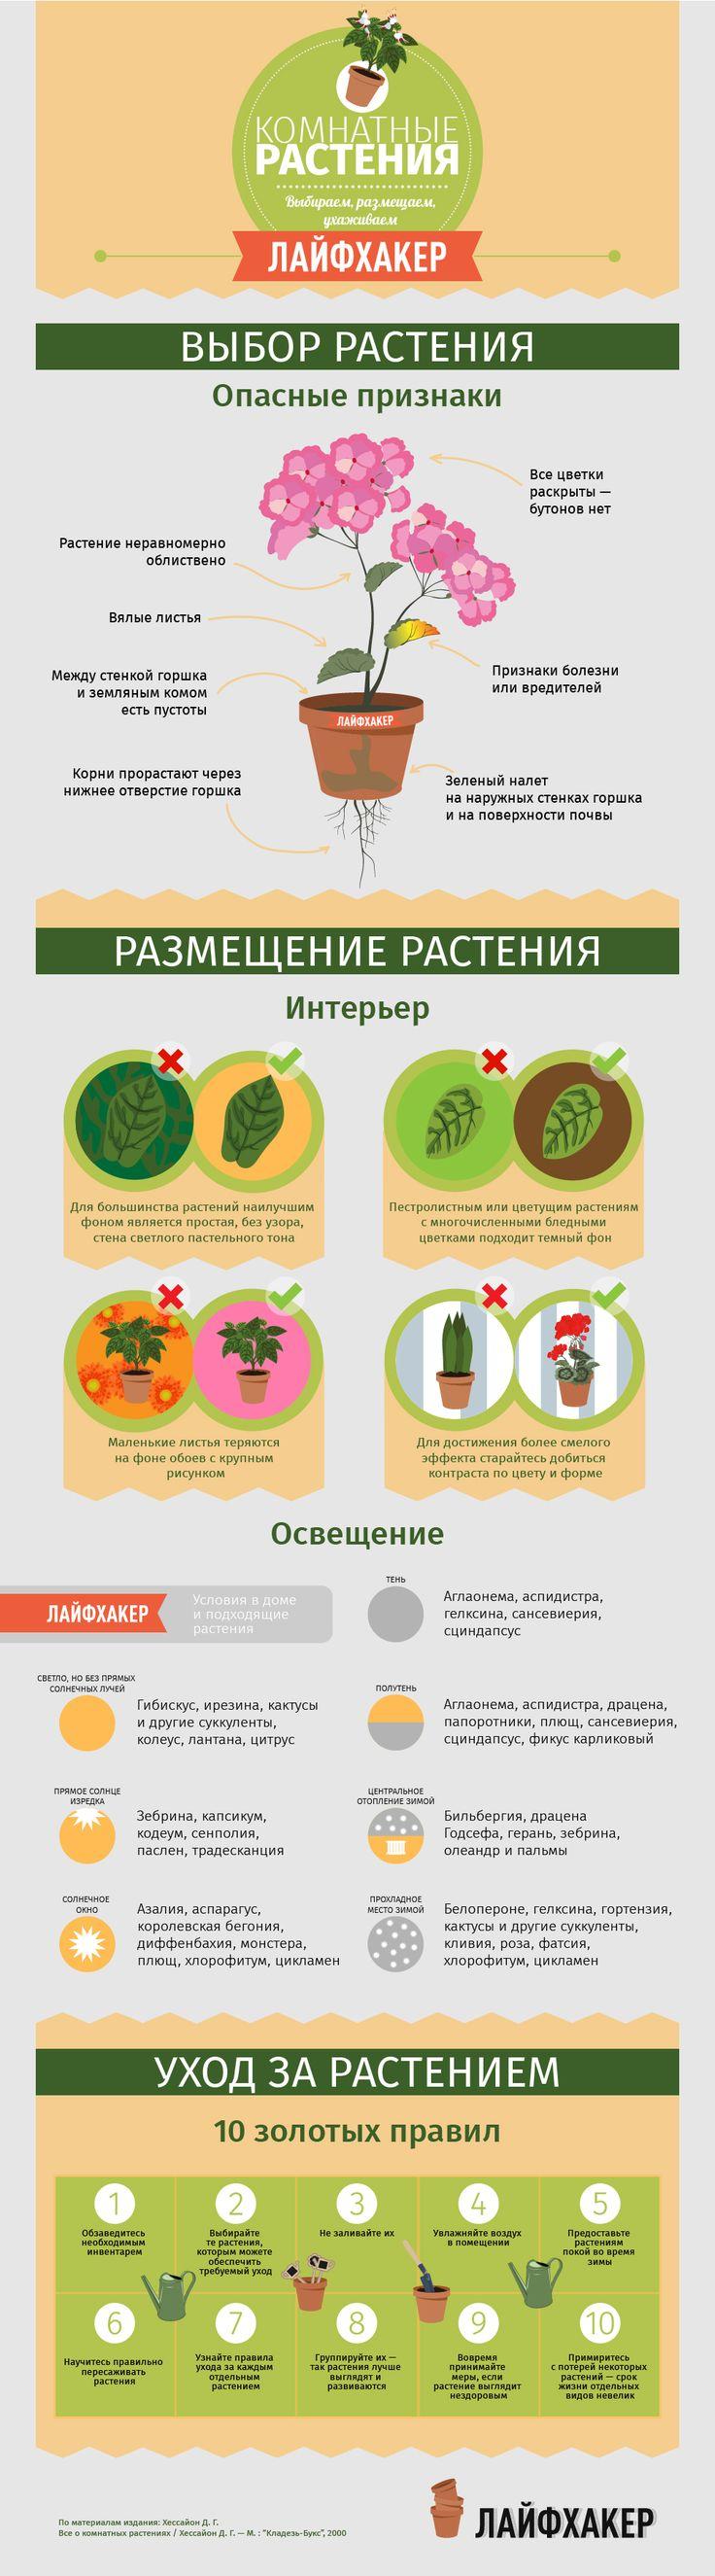 Комнатные растения.  Выбираем, размещаем, ухаживаем